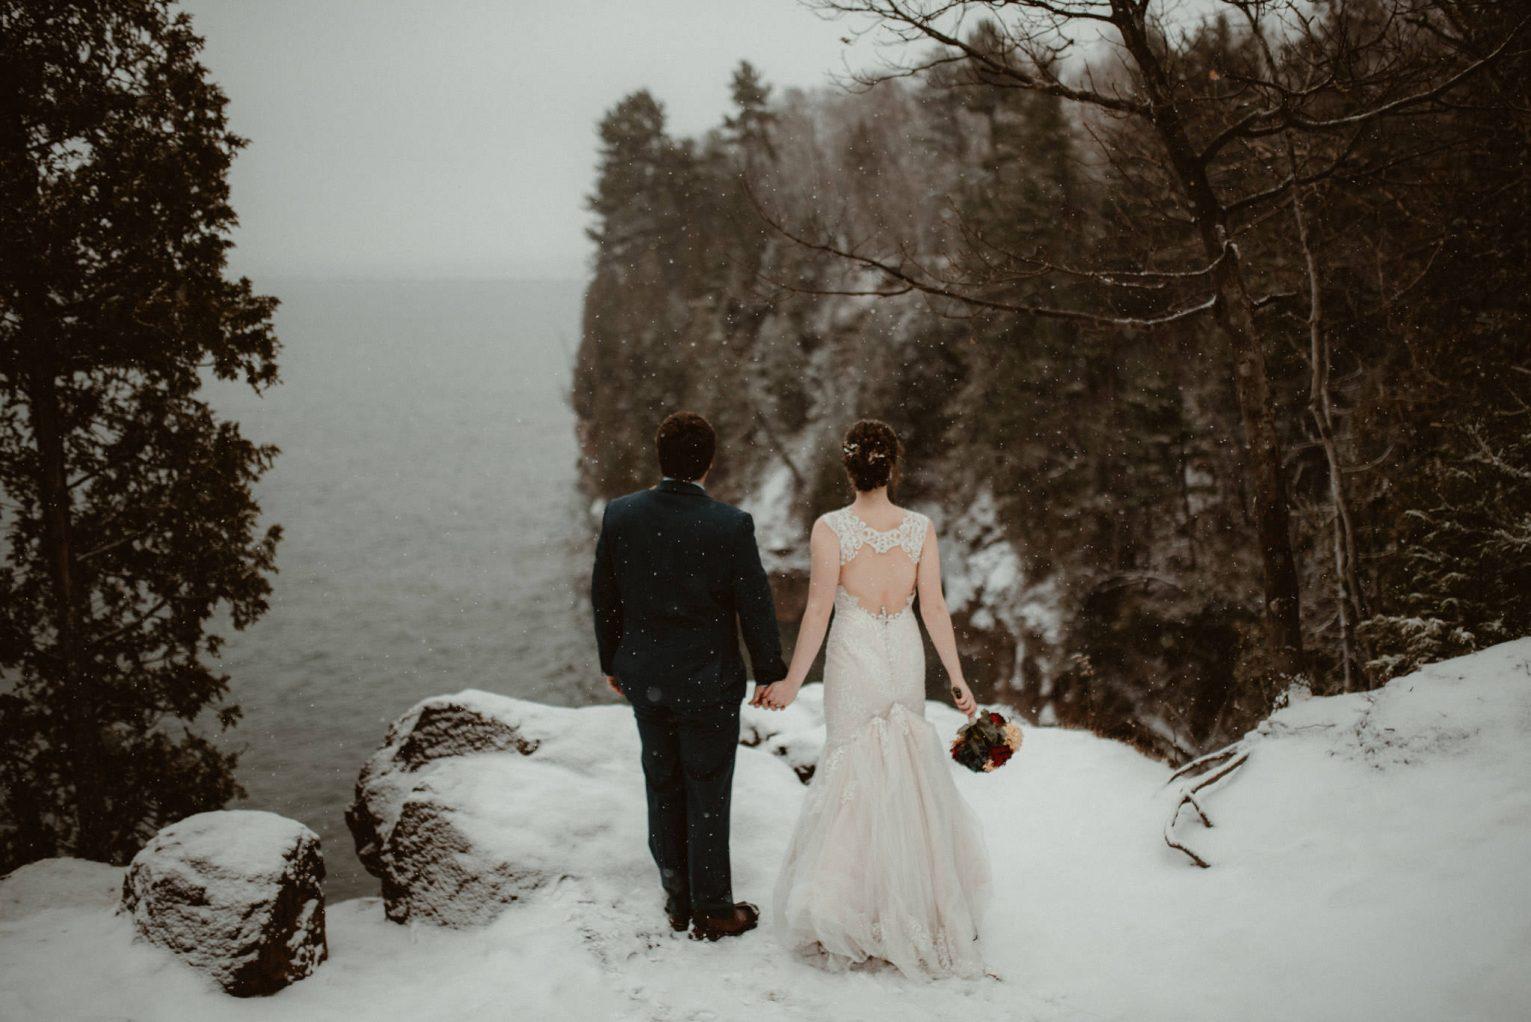 Winter elopement on Presque Isle in Marquette, Michigan